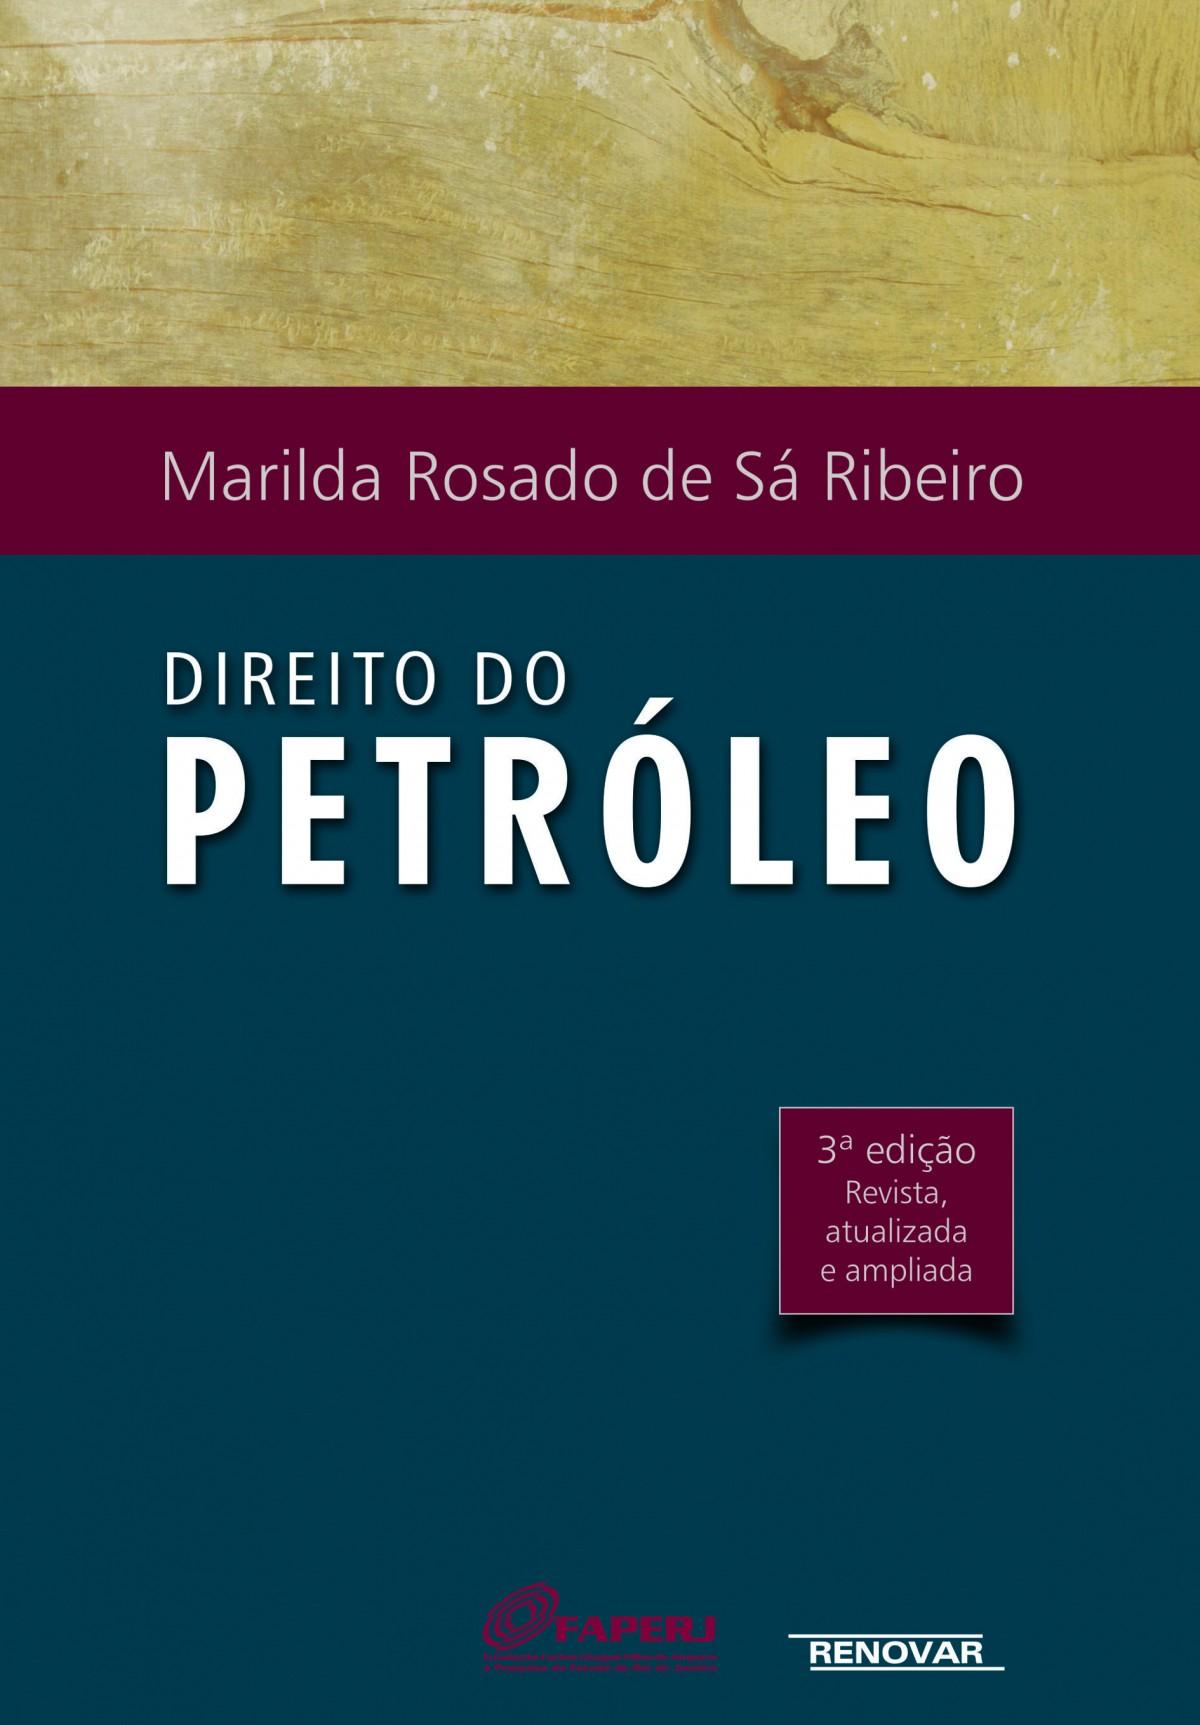 Foto 1 - Direito do Petróleo